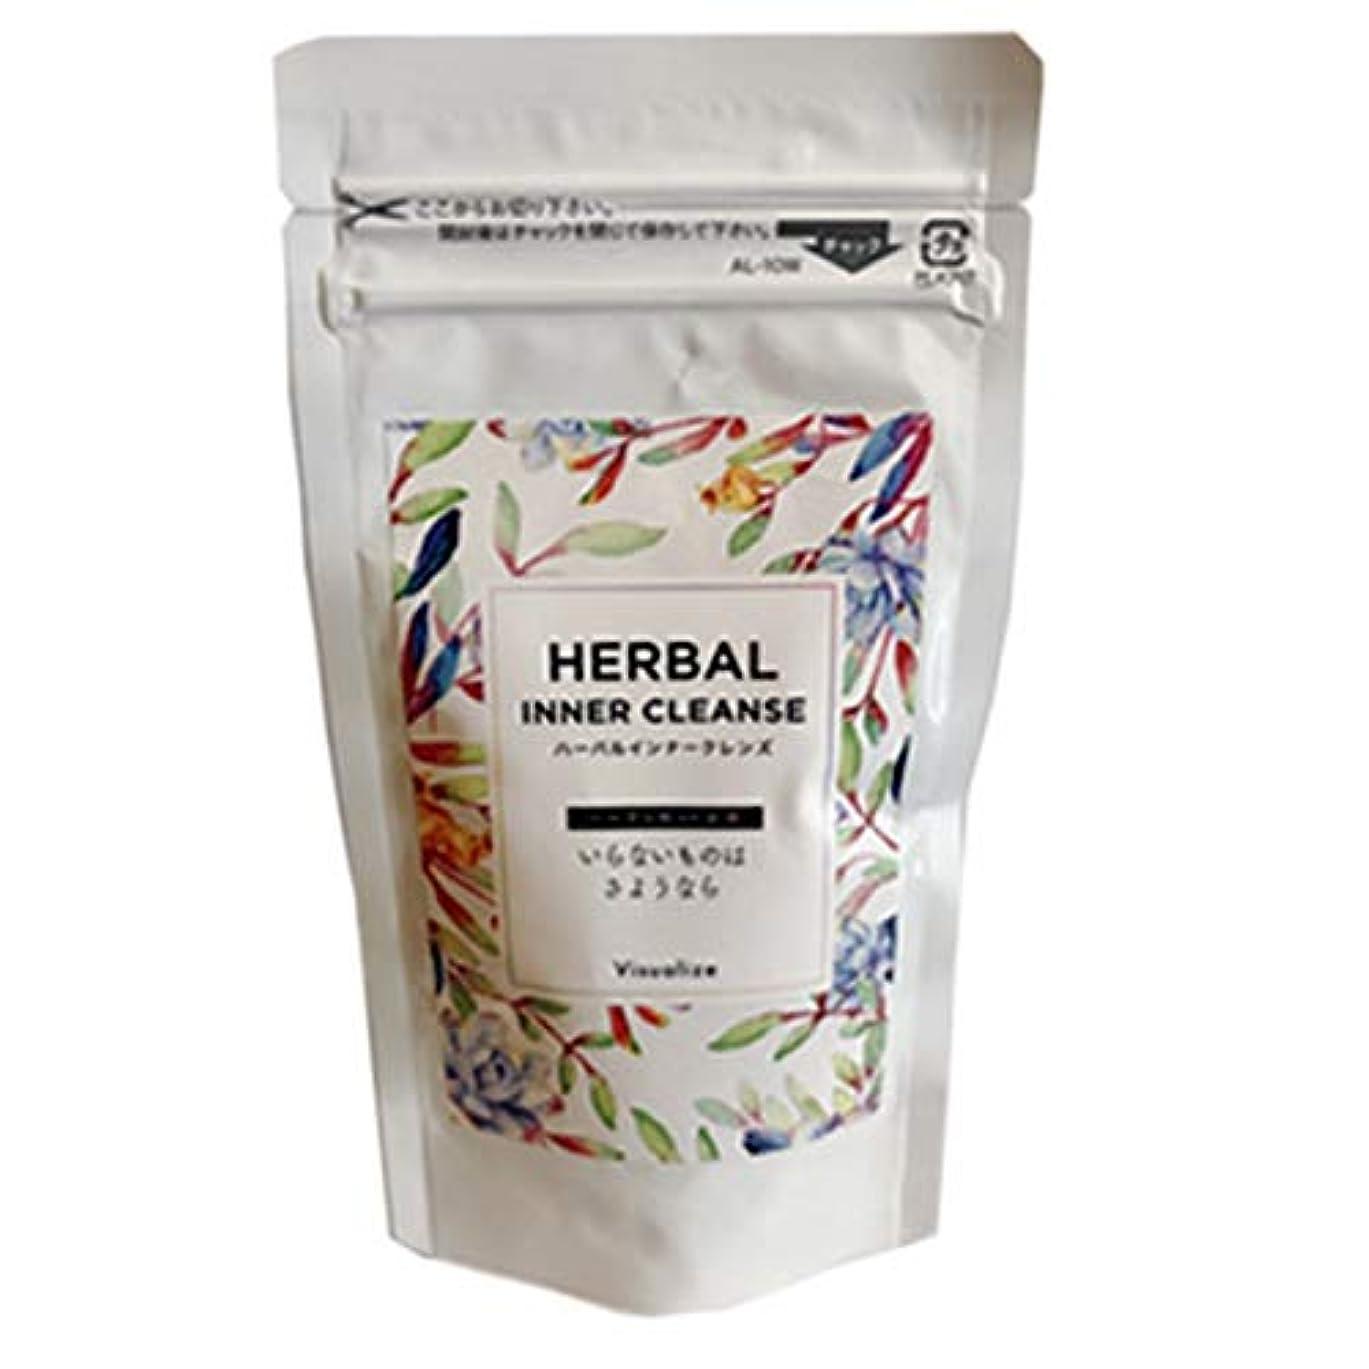 悔い改め領収書オークハーバルインナークレンズ Herbal INNER CLEANZE (150粒(tablets))2019/1/8より順次発送